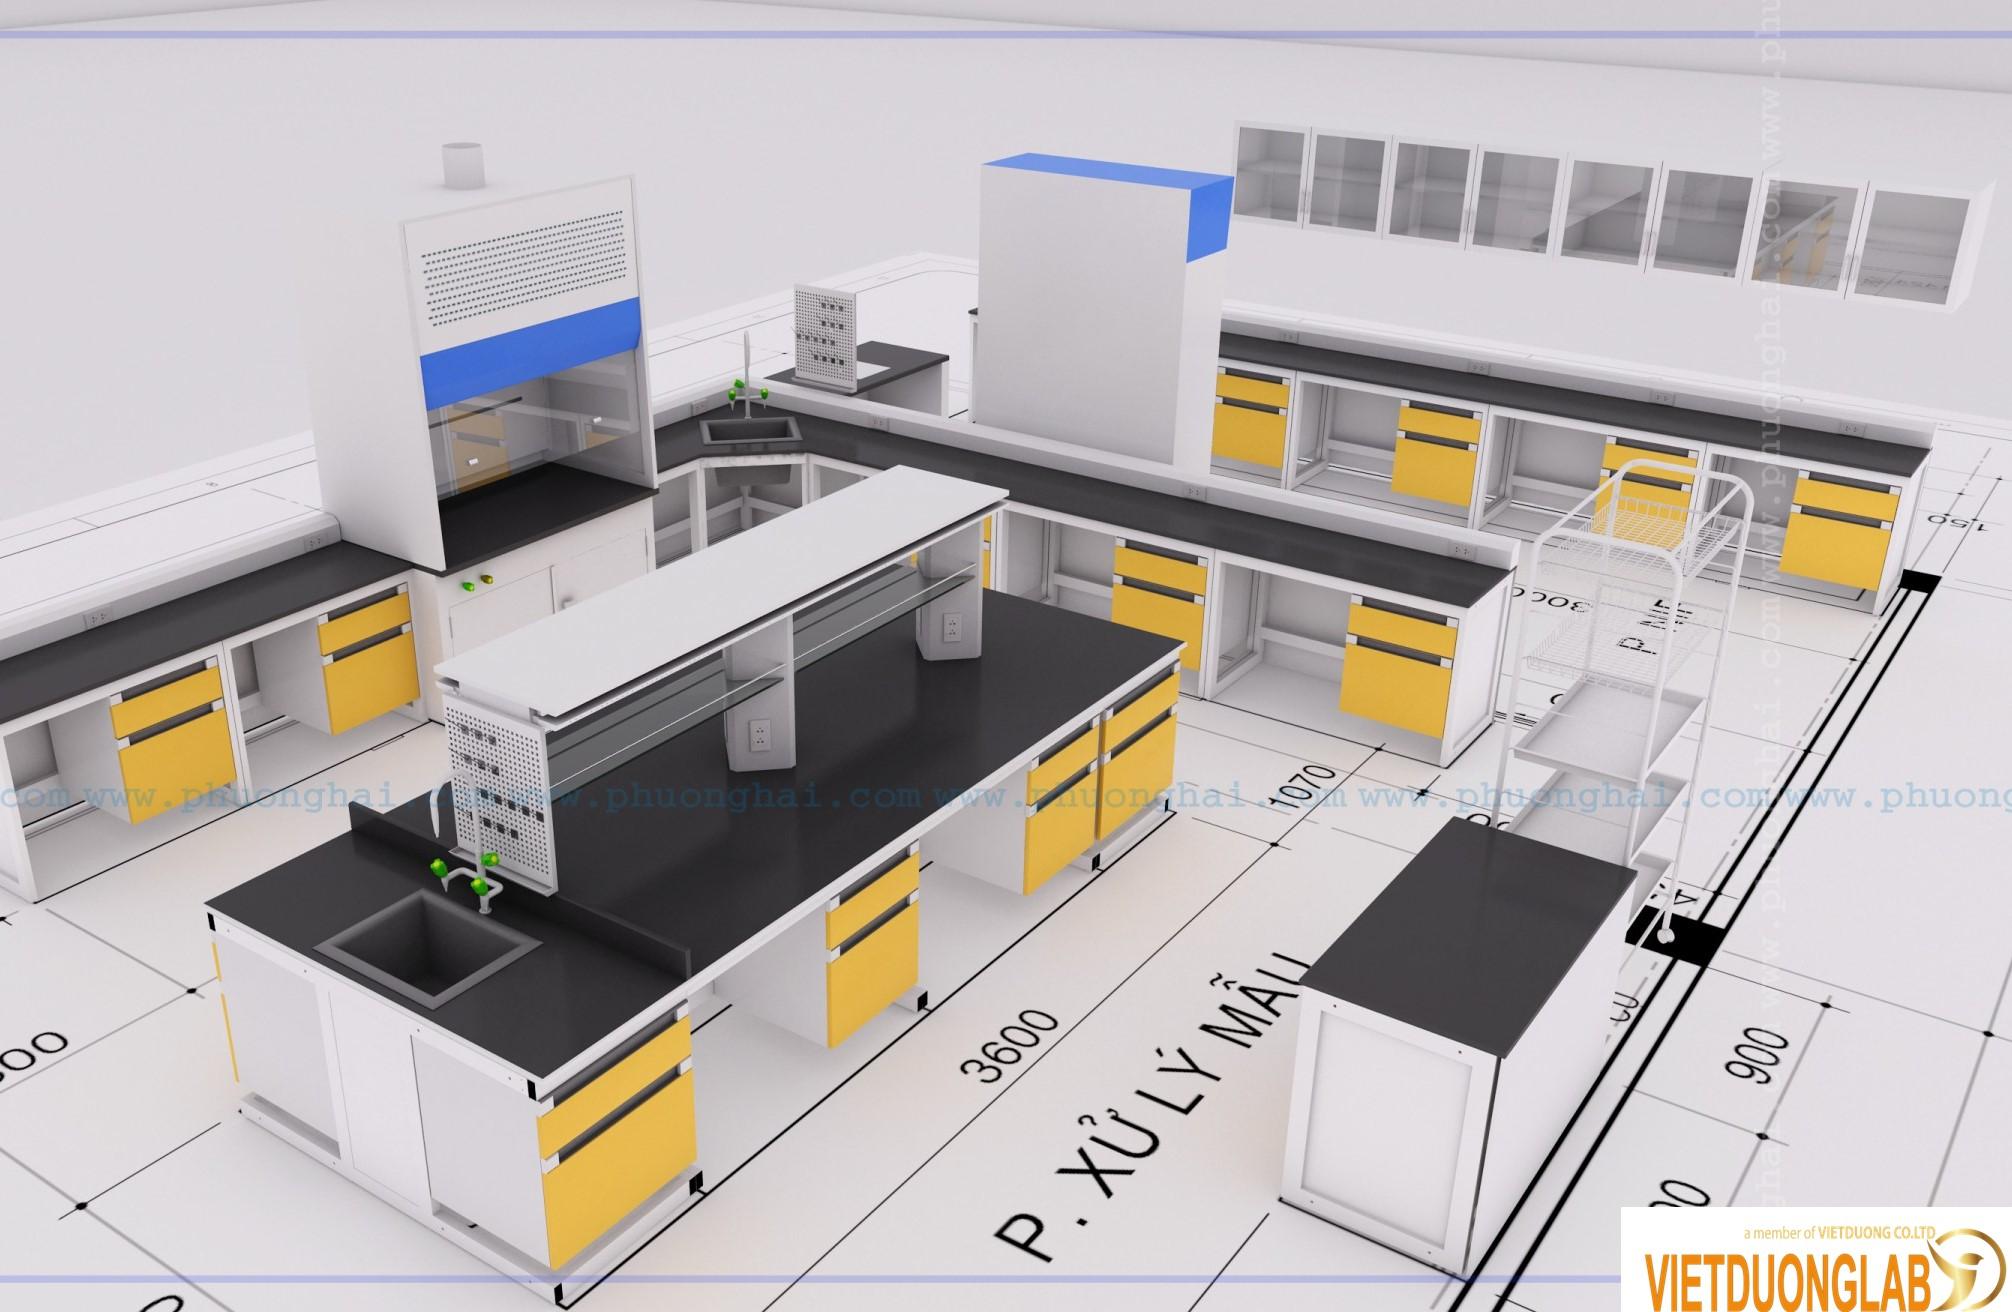 Chuyên tư vấn thiết kế lắp đặt bàn ghế phòng thí nghiệm đạt tiêu chuẩn ISO 17025